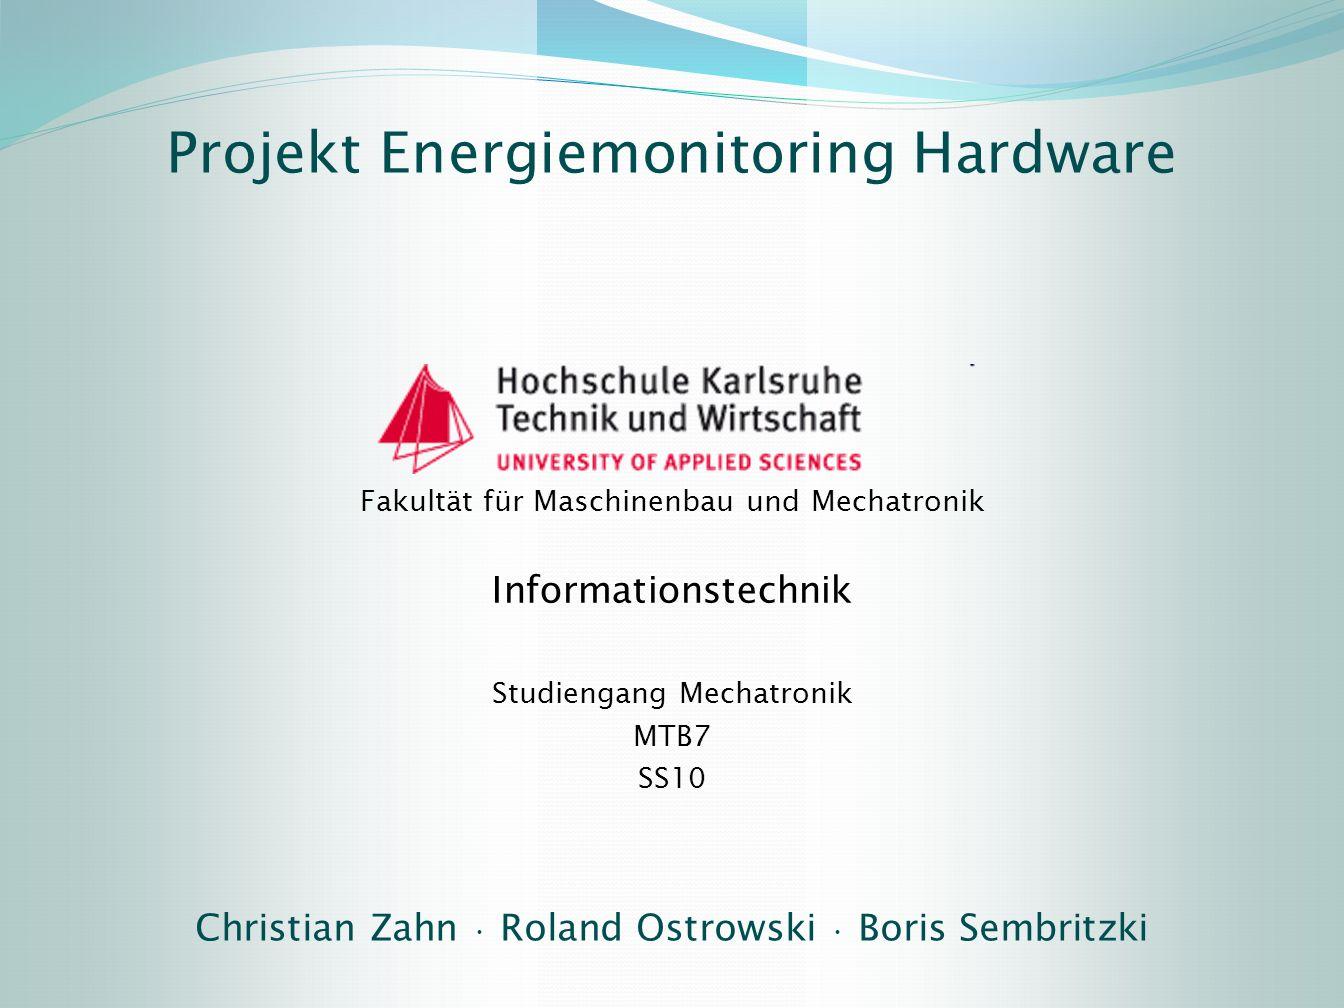 Stromzähler Layout für Schnittstelle Seriell TTL auf Ethernet (Xport) Hochschule Karlsruhe – Multimediales EnergieportalJuli 2010